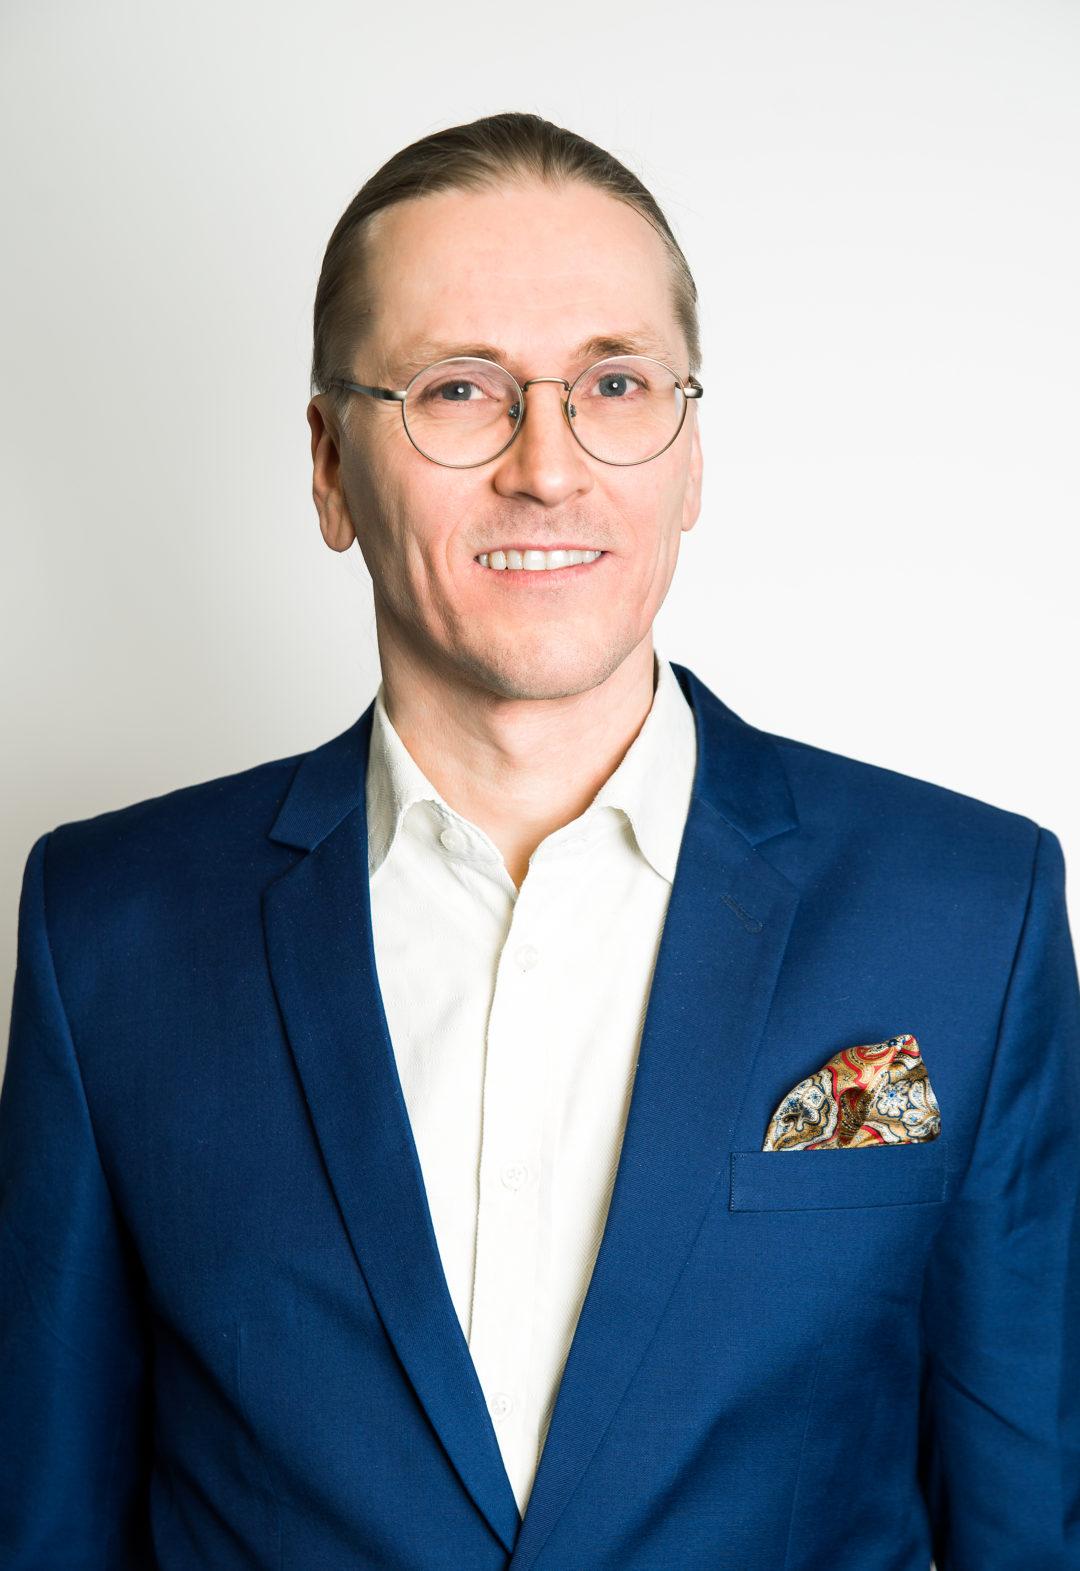 Ari Hyppönen